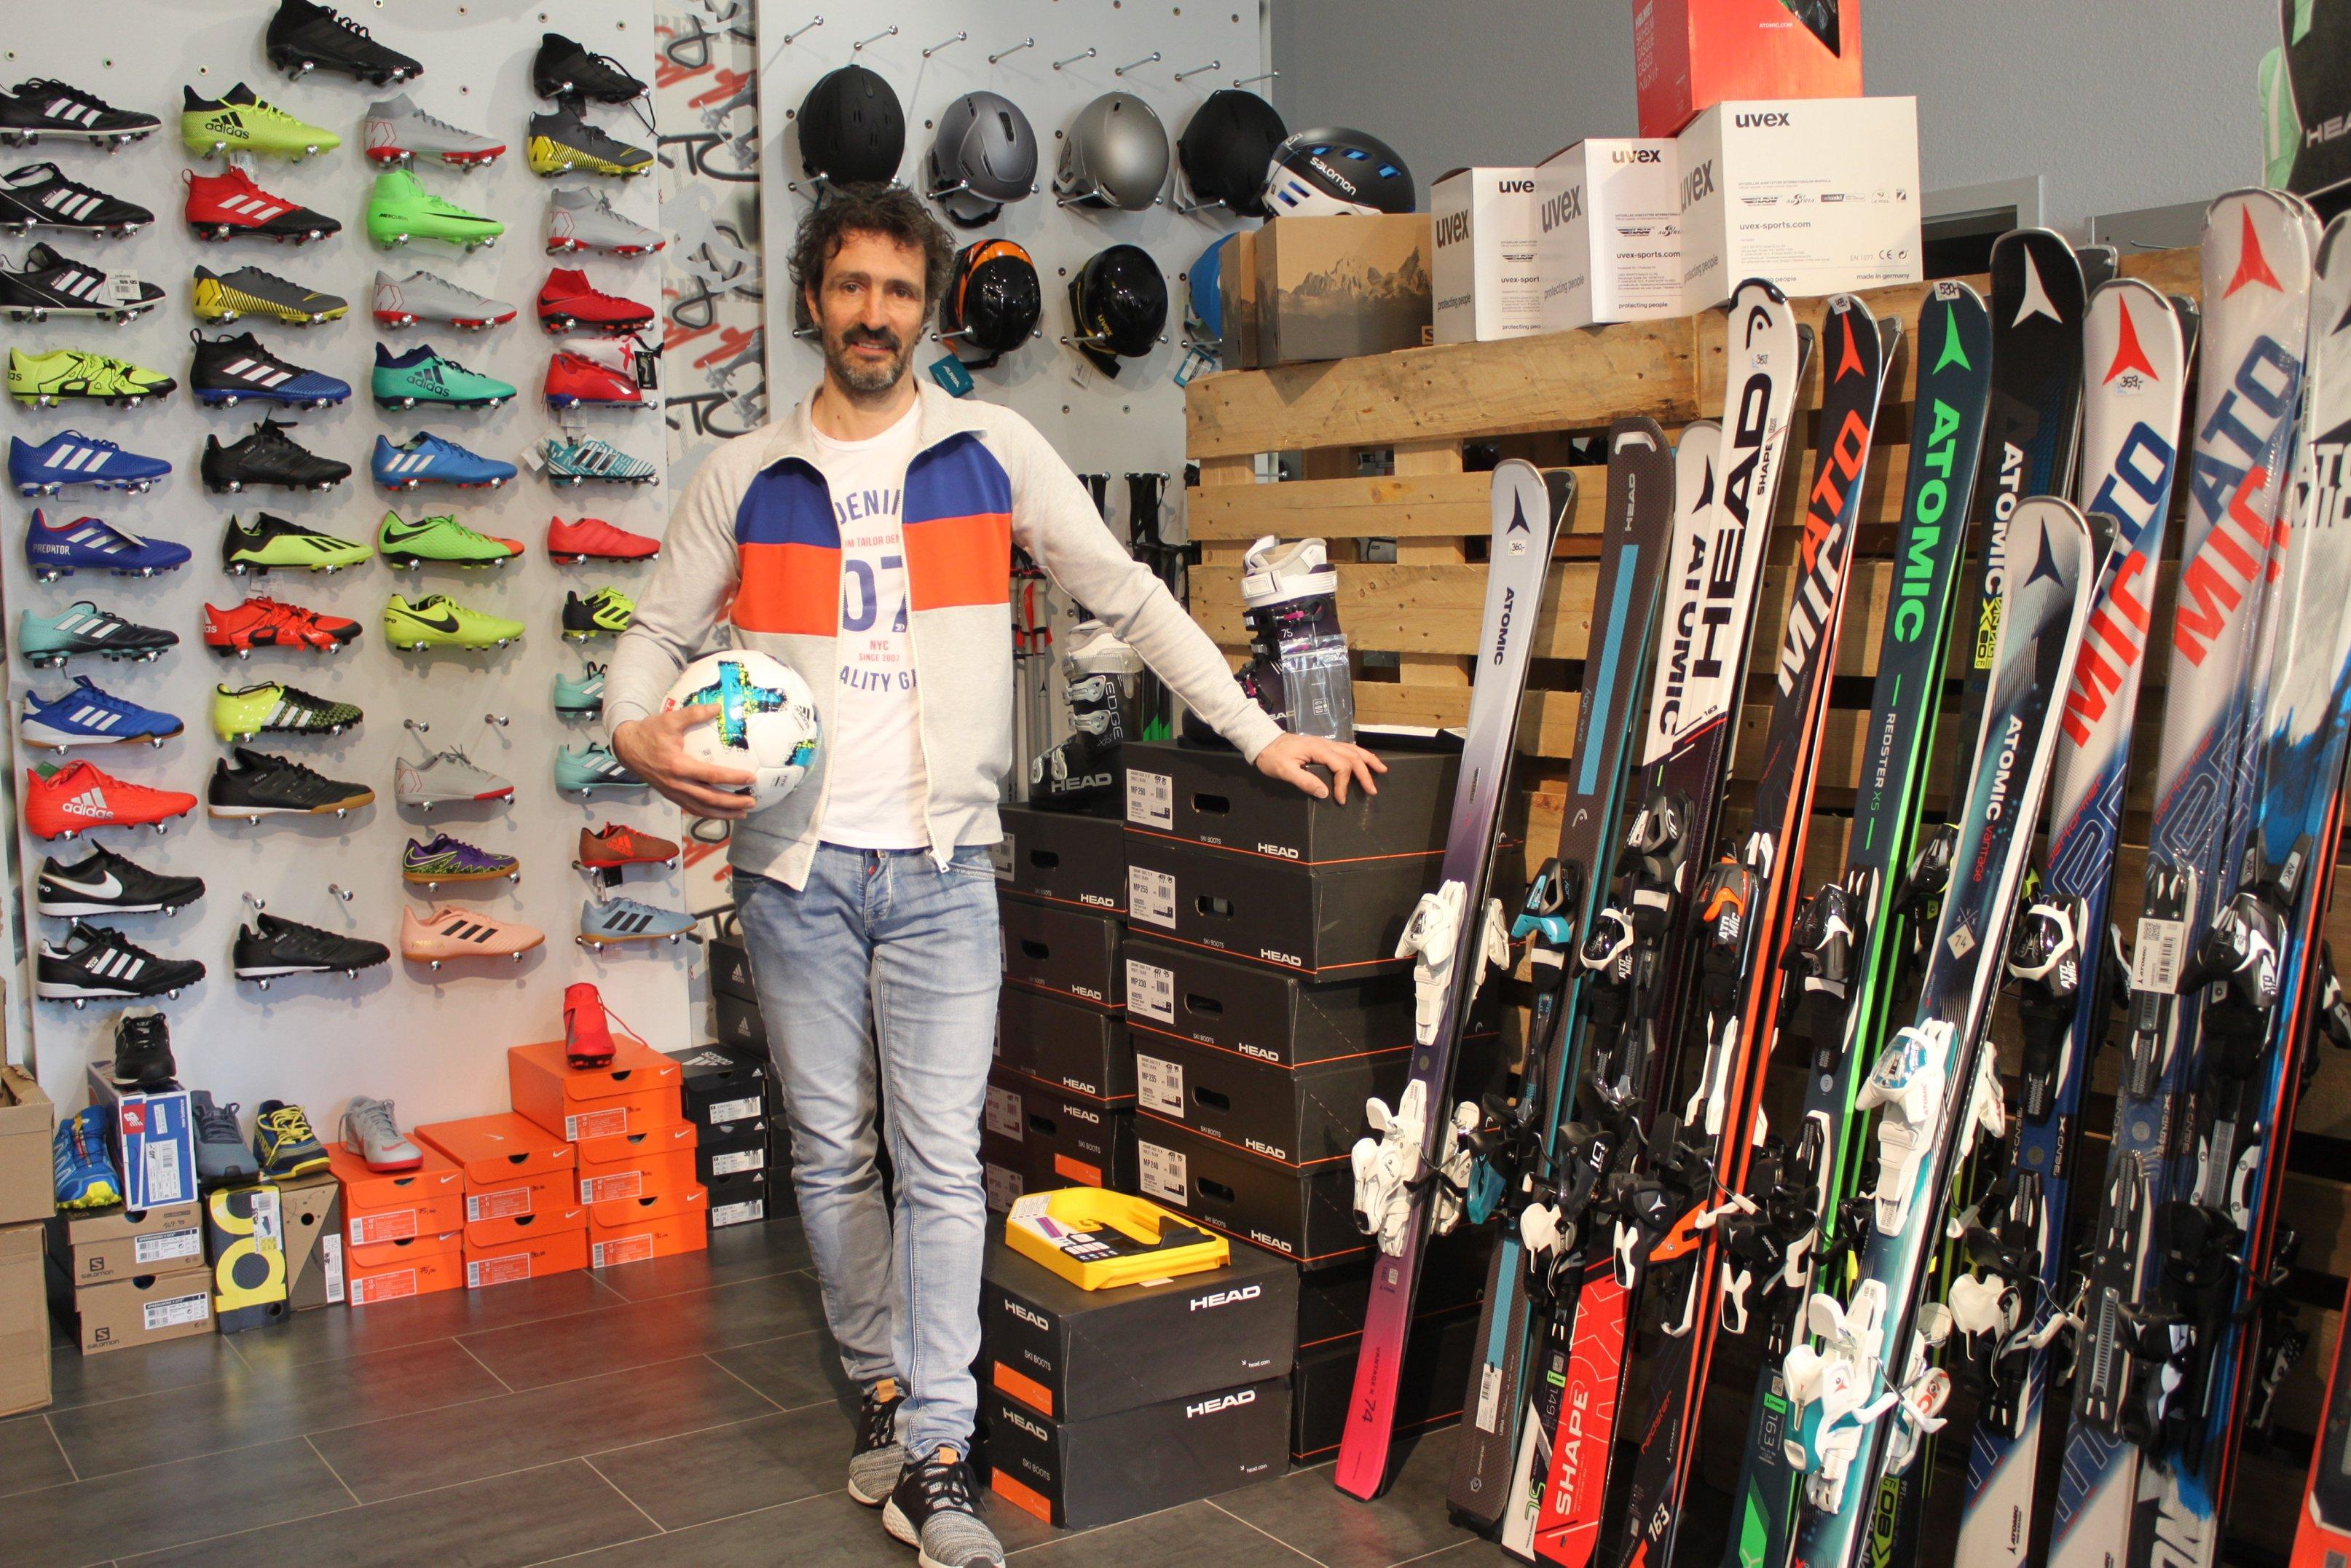 Sport- und Freizeitausrüstung für Jung und Alt gibt es bei Lars Müller in Eisleben. FOTO: C. LAUFER